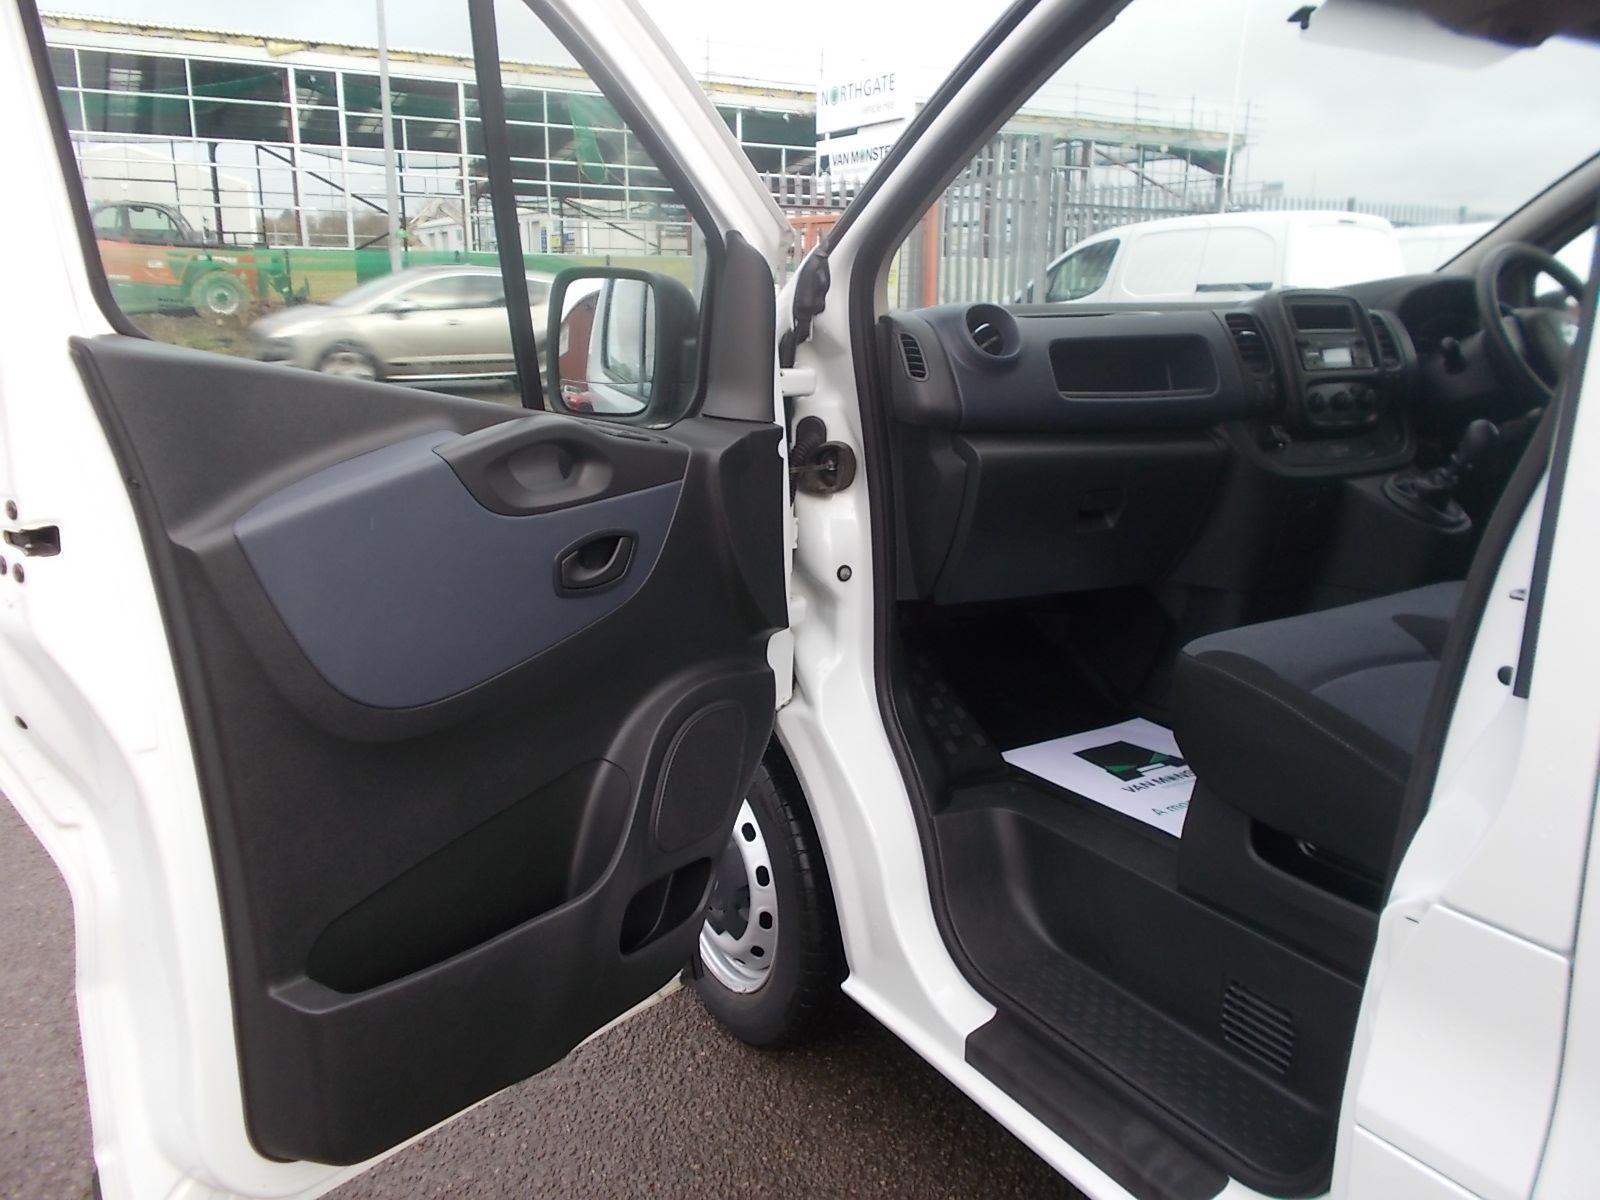 2017 Vauxhall Vivaro L2 H1 2900 1.6CDTI 120PS EURO 6 (DV17FNH) Image 11